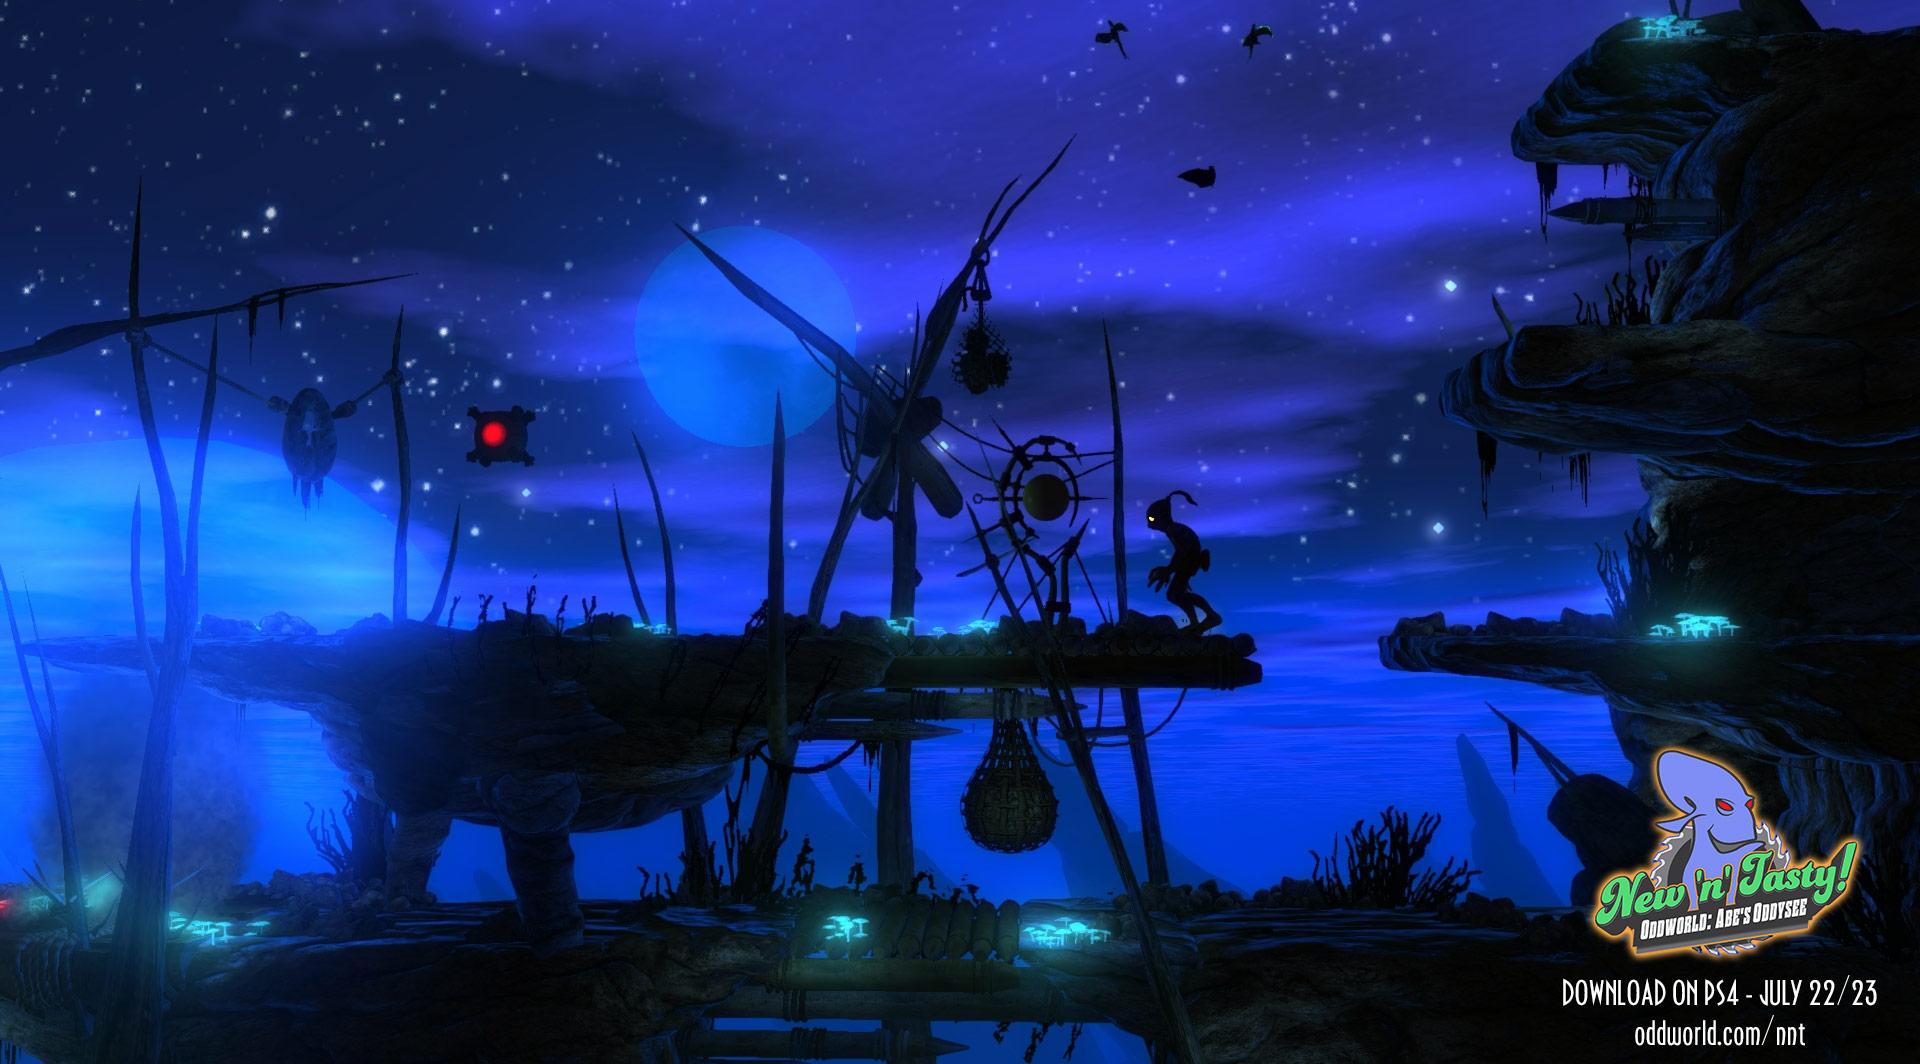 Oddworld New 'n' Tasty Launch 20-07-14 003